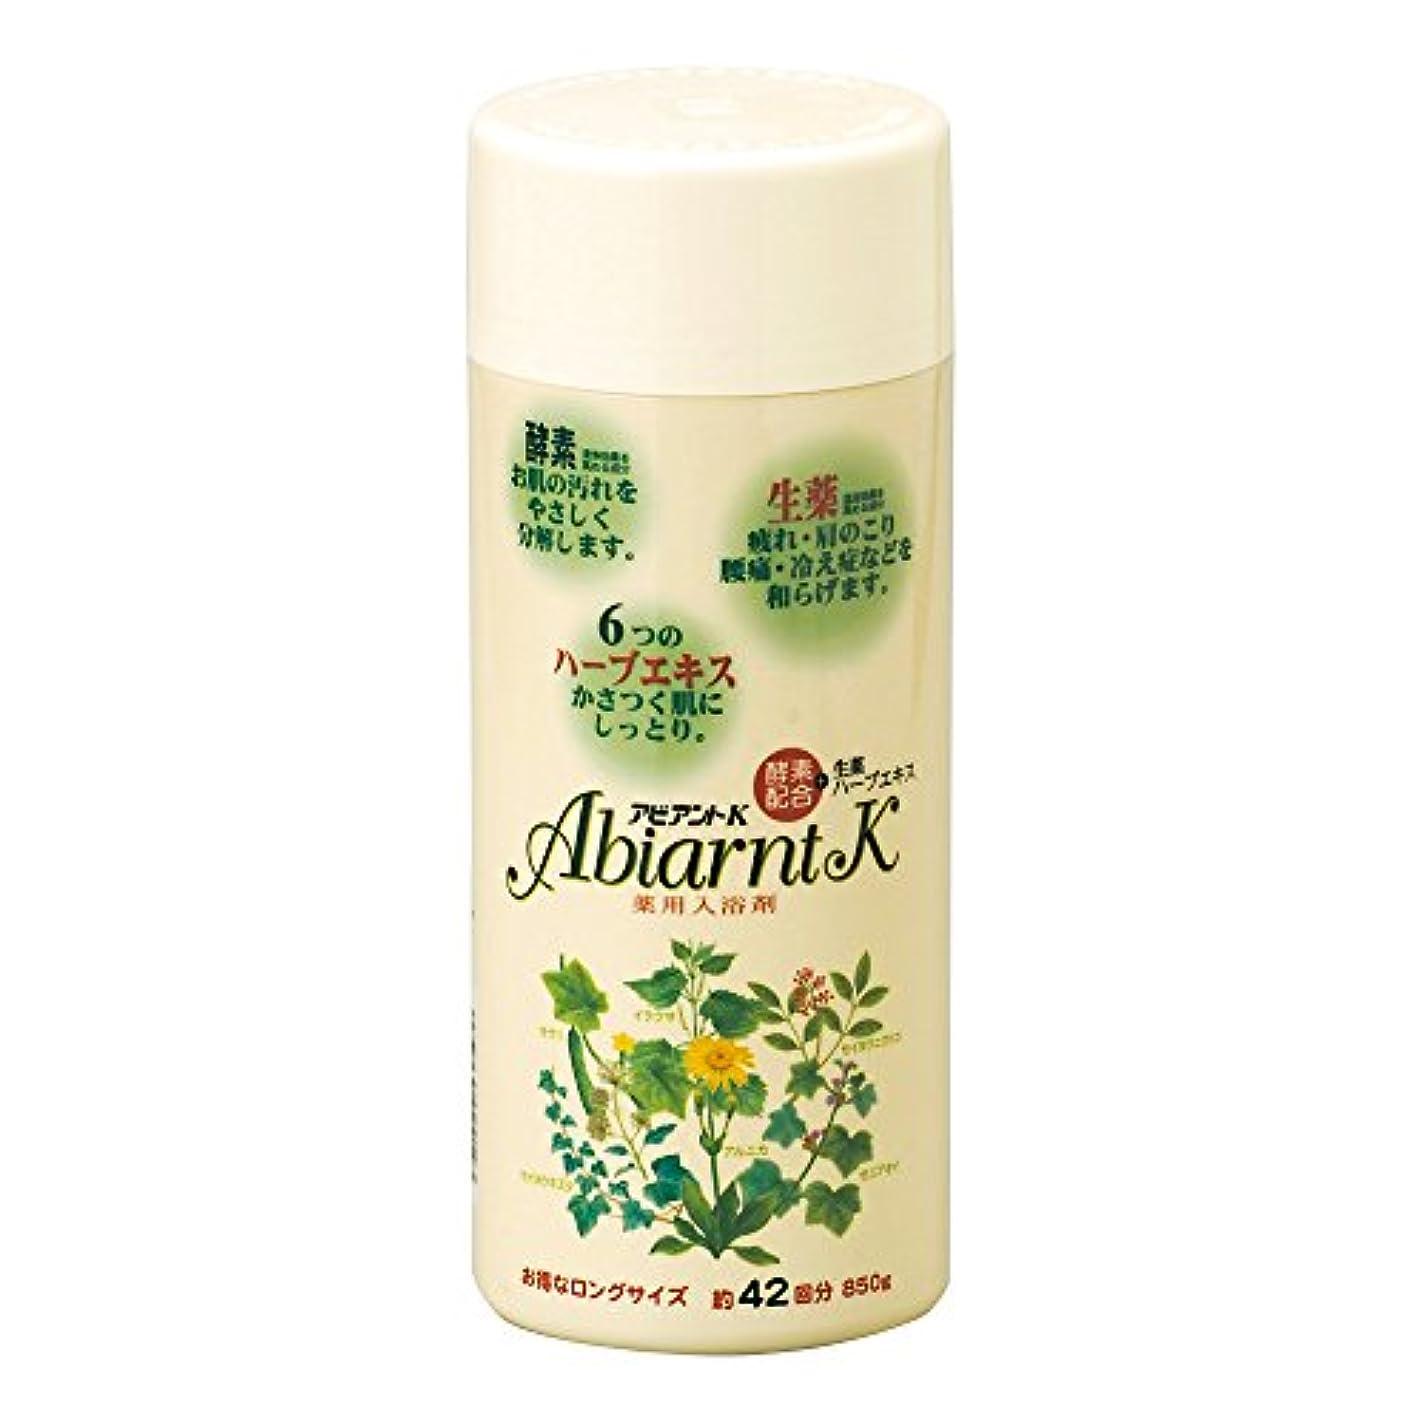 女の子スパイラルの中で祐徳薬品工業 薬用入浴剤 アビアントK 850g (医薬部外品)